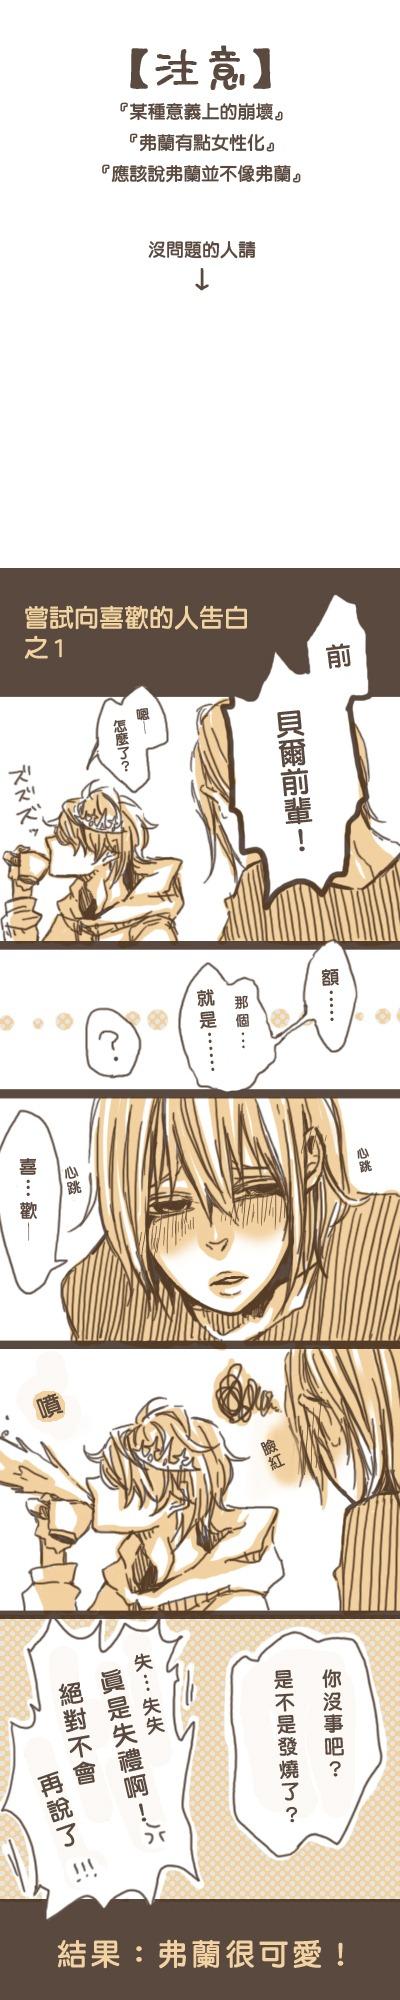 【腐注意】ベルフラで漫画もどき(CN)